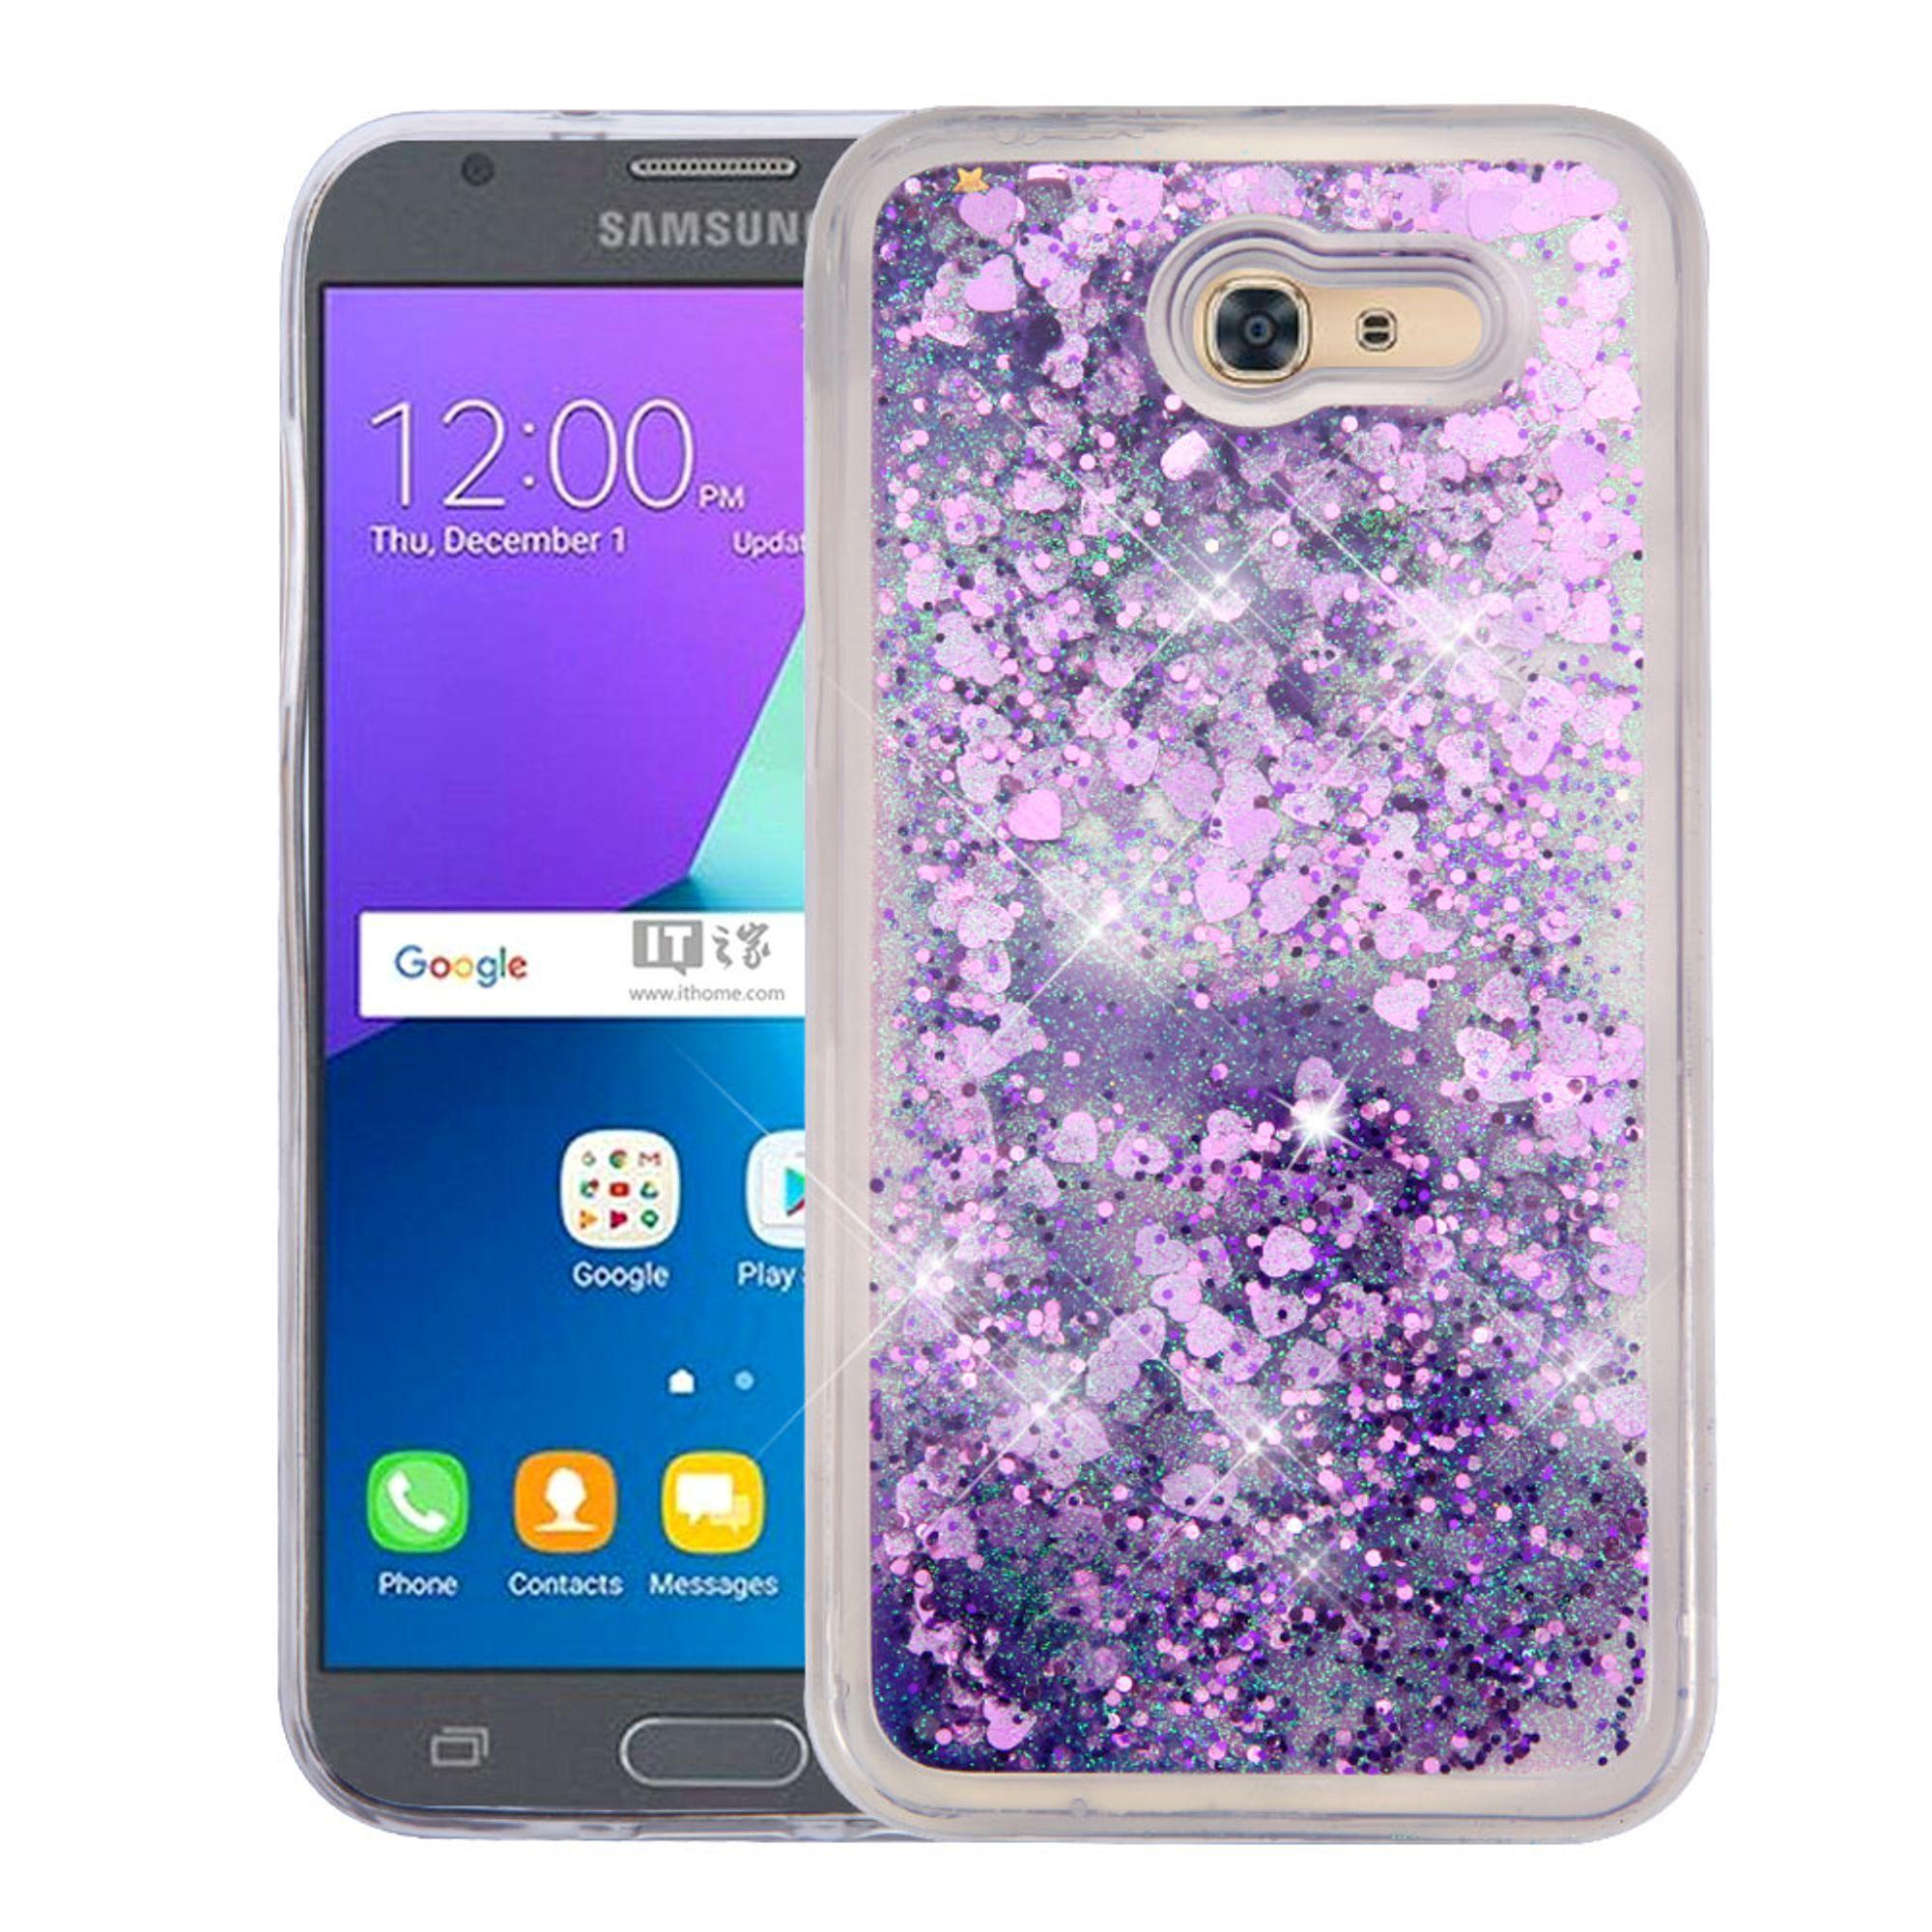 Samsung Galaxy J3 Luna Pro case by Insten Luxury Quicksand Glitter Liquid Floating Sparkle Bling Fashion Phone Case Cover for Samsung Galaxy J3 Luna Pro / J3 (2017)